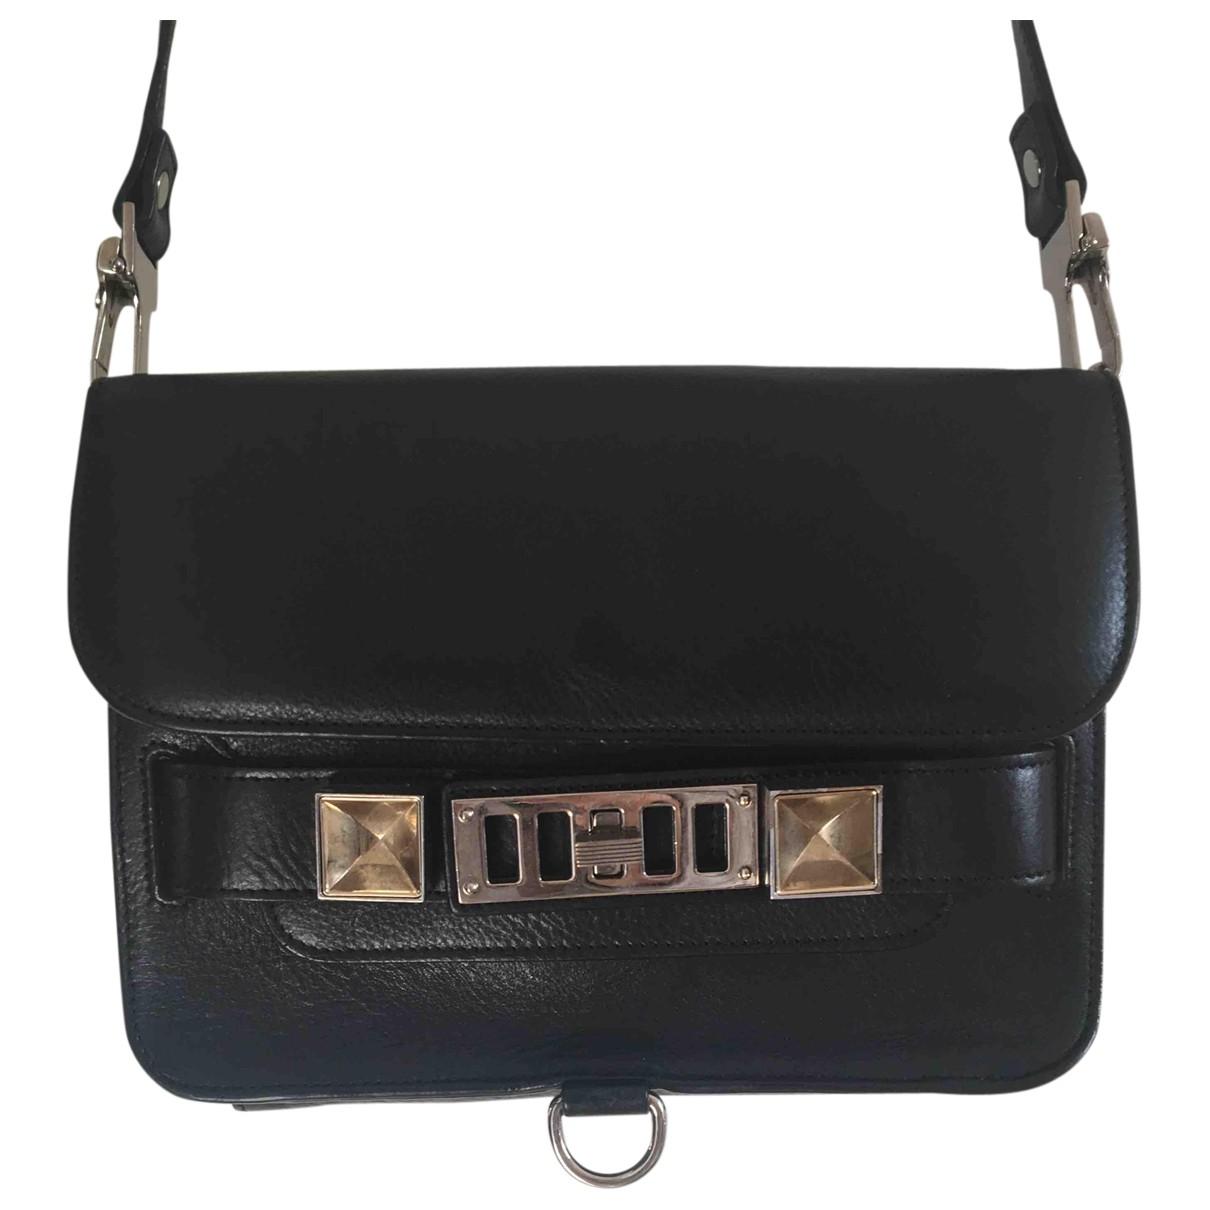 Proenza Schouler - Sac a main PS11 pour femme en cuir - noir